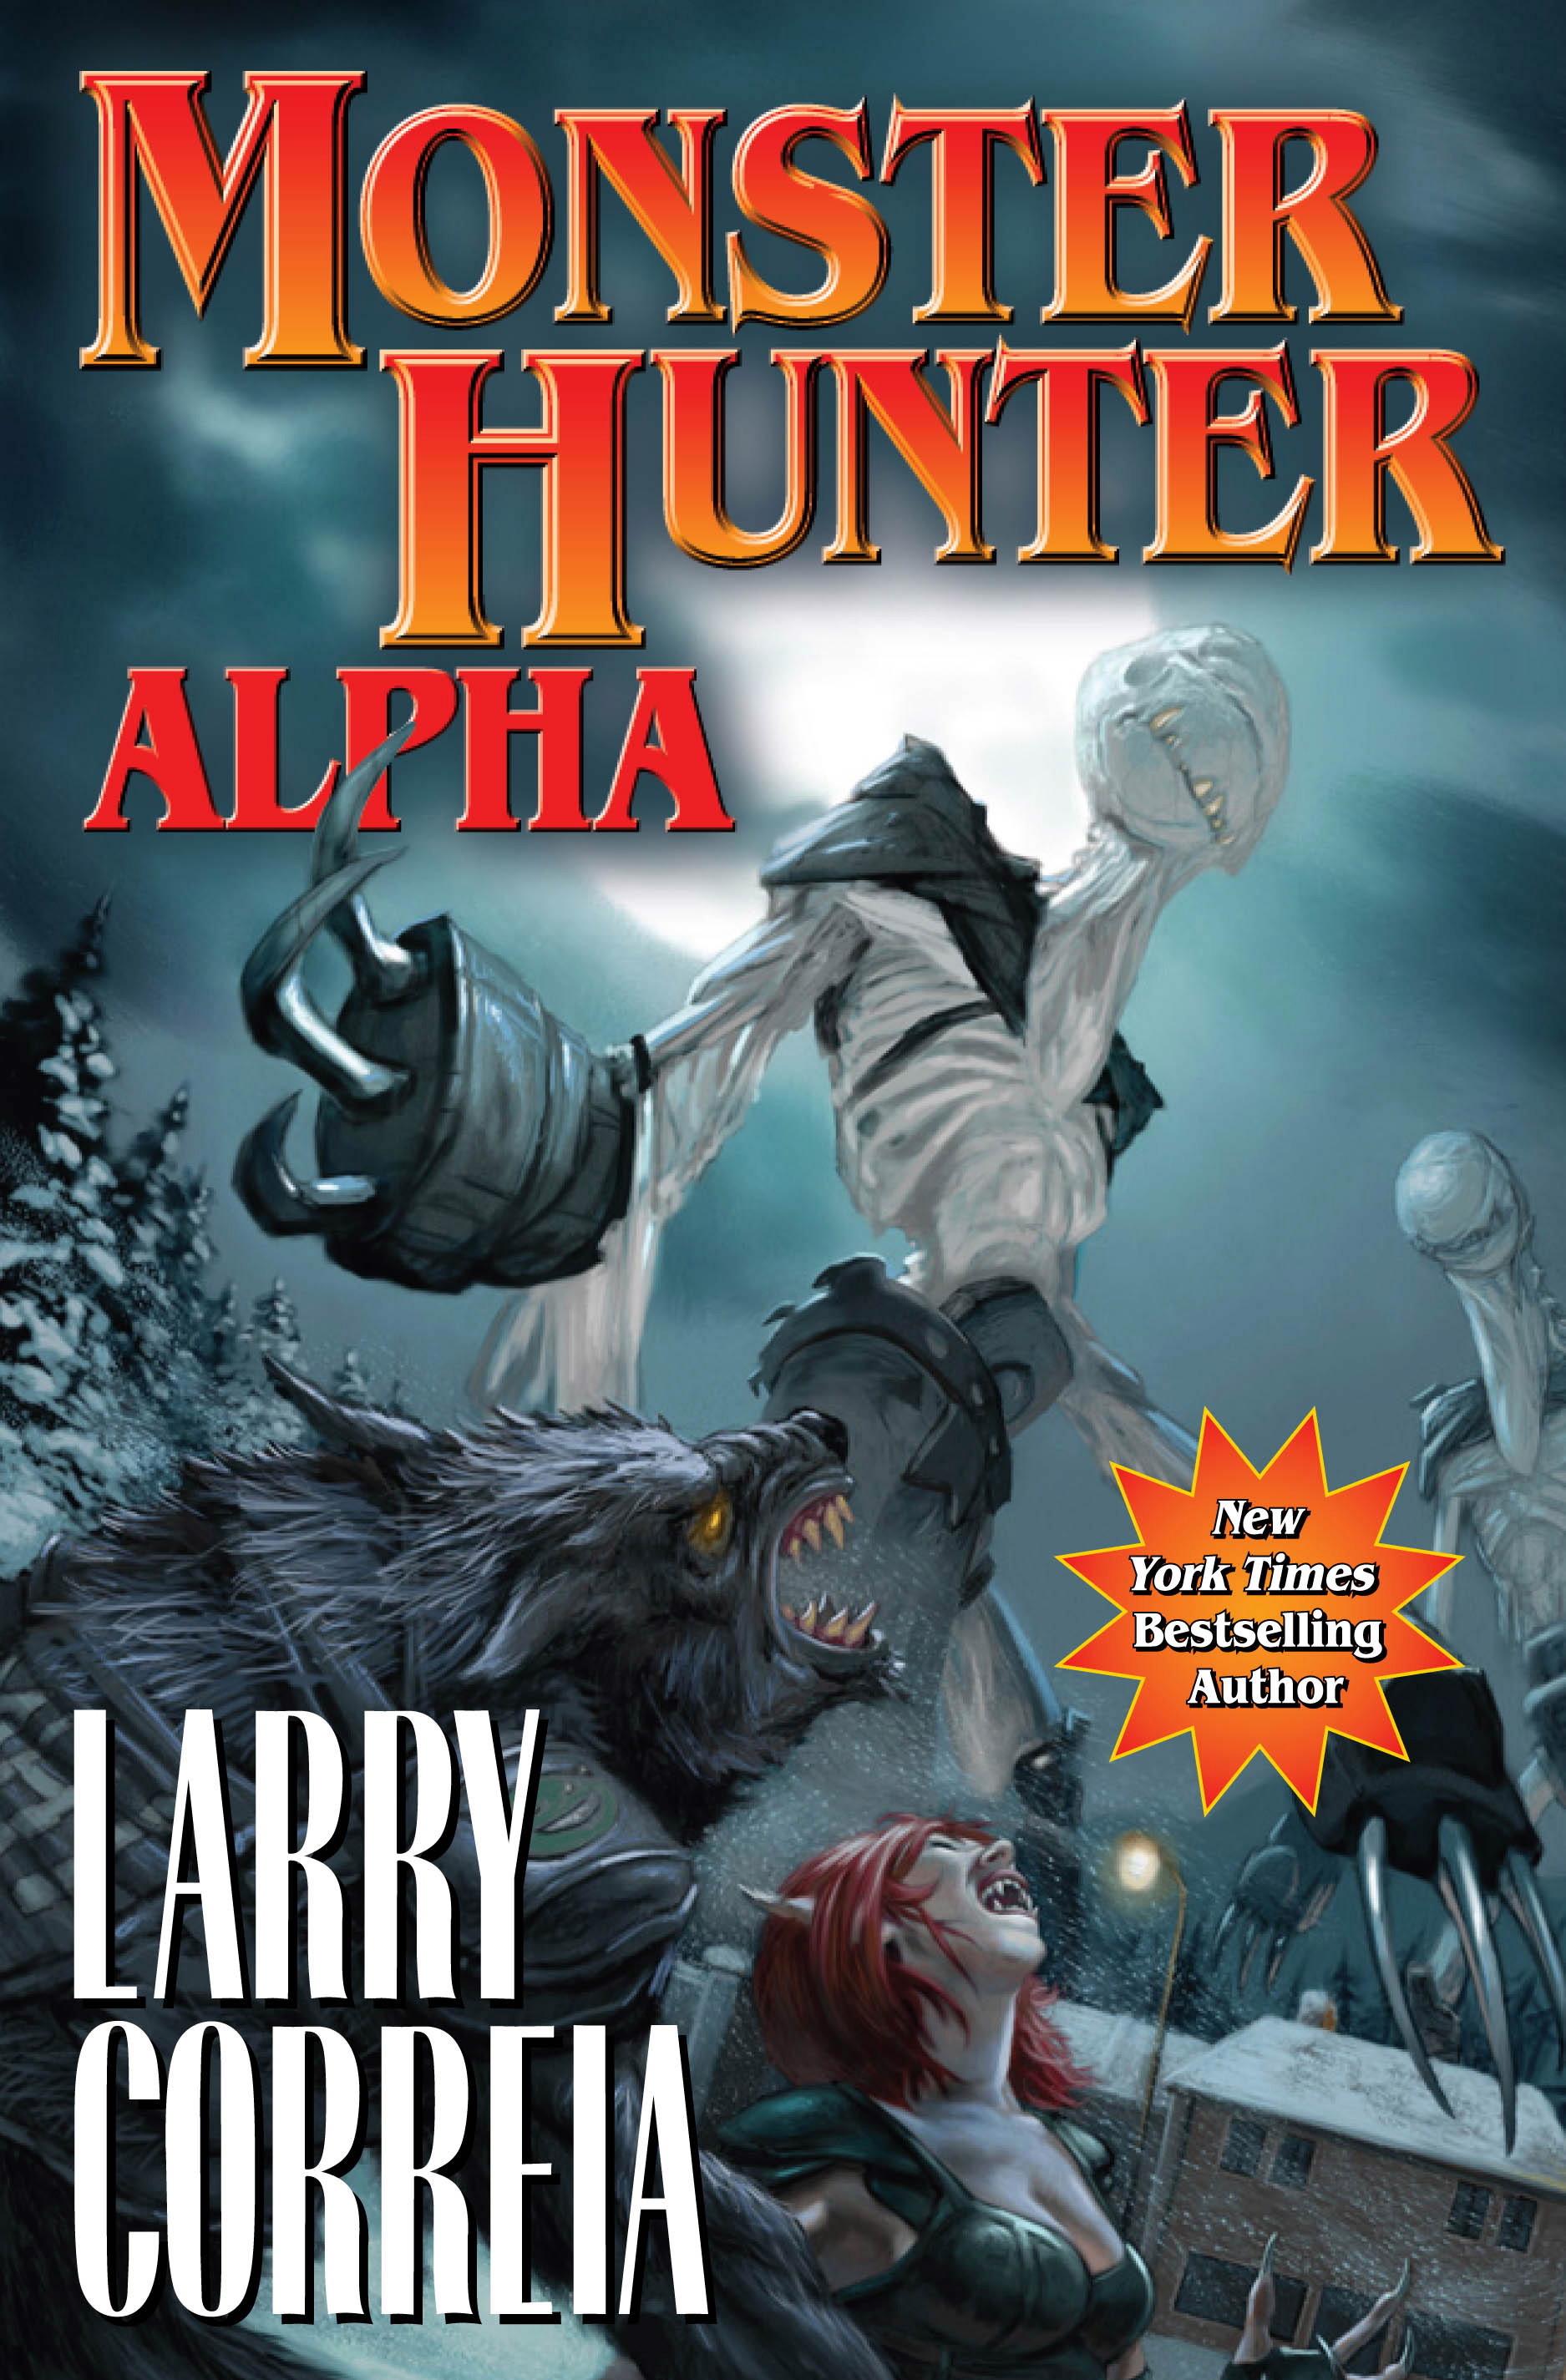 Monster Hunter Alpha cover